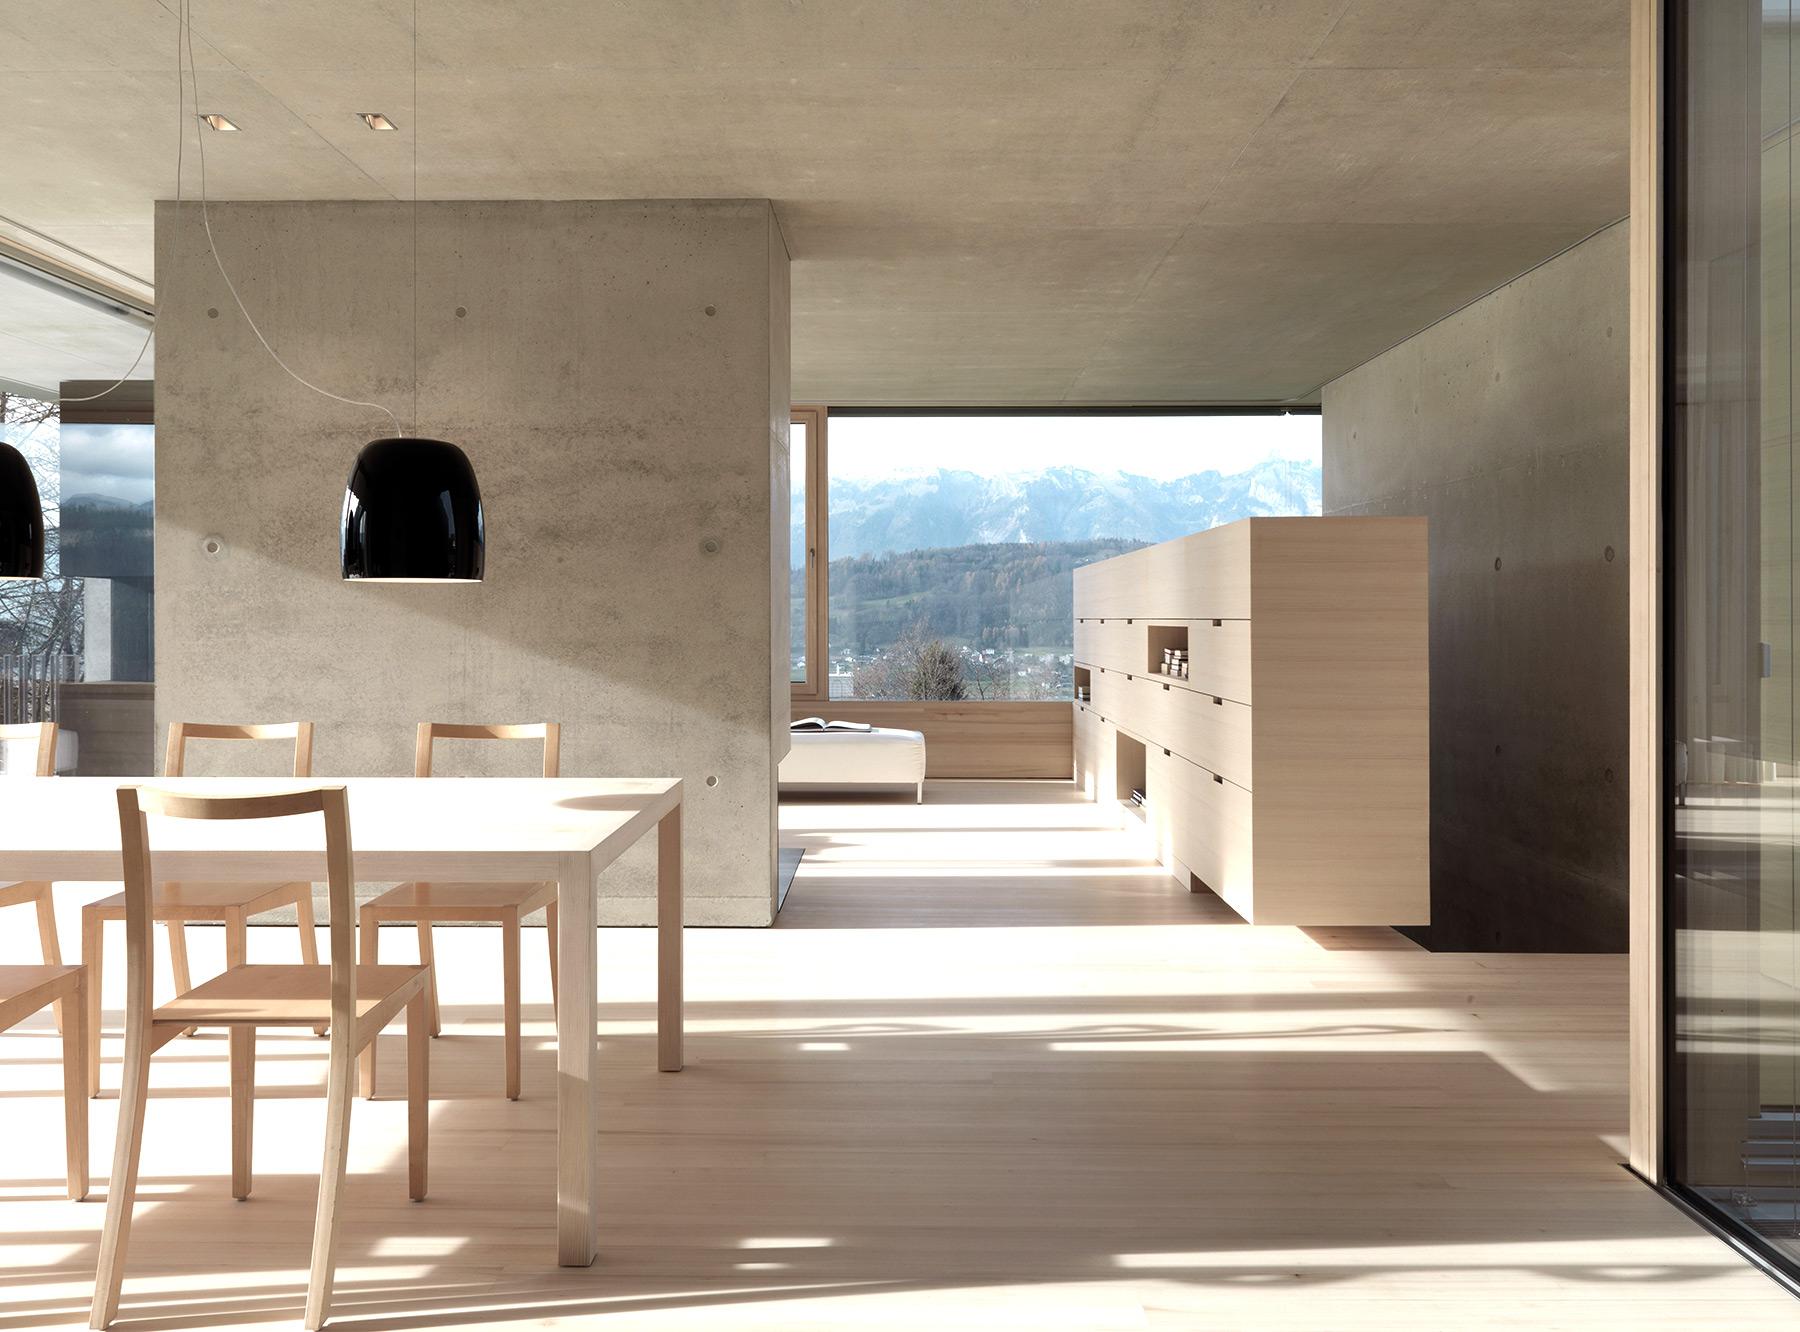 holzplanwerk haus germann vorarlberg internationaler wei tannenpreis anerkennung m bel und. Black Bedroom Furniture Sets. Home Design Ideas